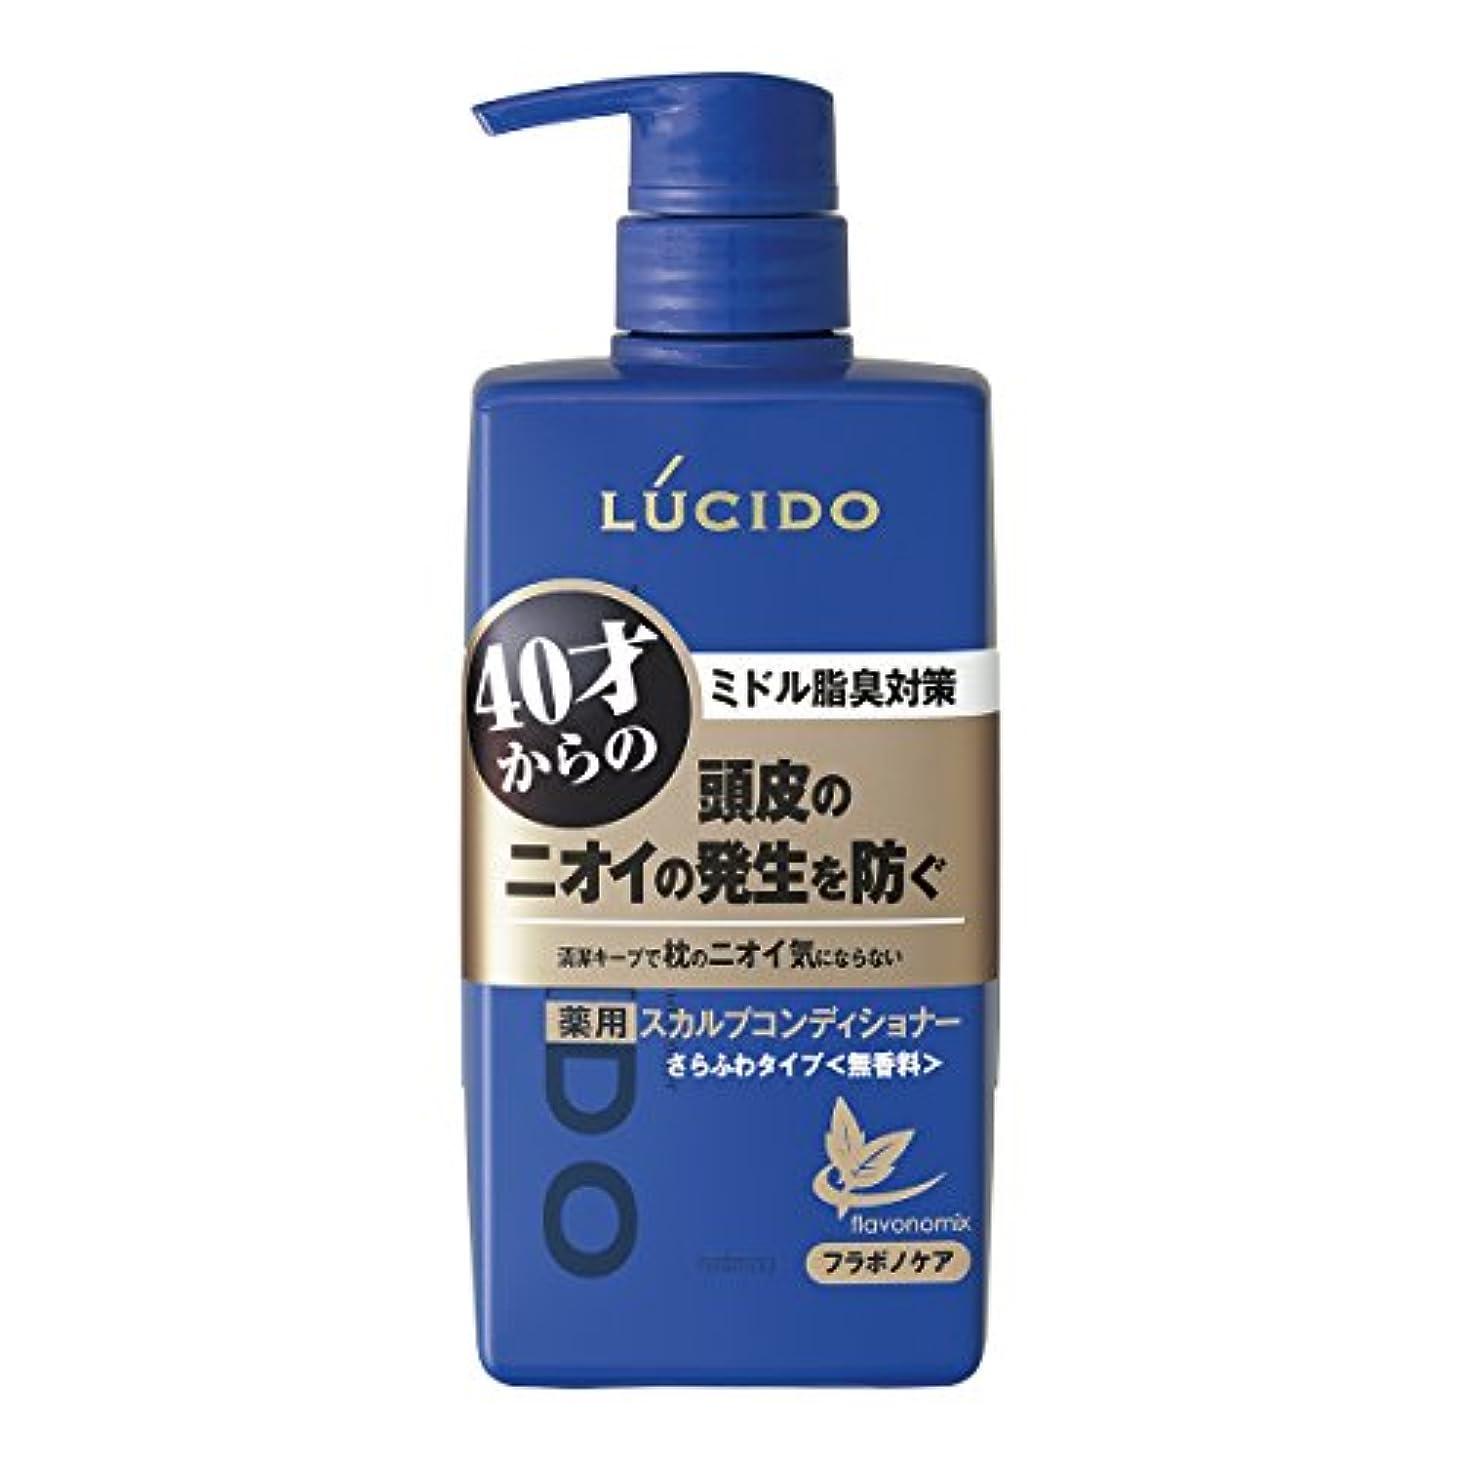 緯度キャッシュ簡略化するルシード 薬用ヘア&スカルプコンディショナー 450g(医薬部外品)